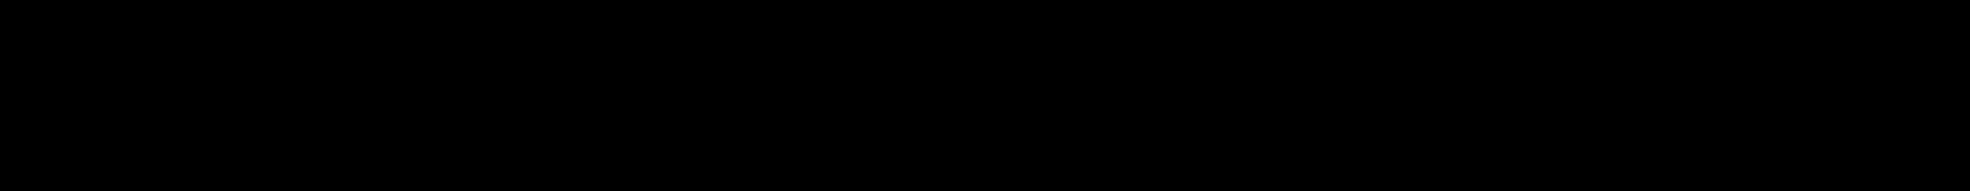 Design System E 500I